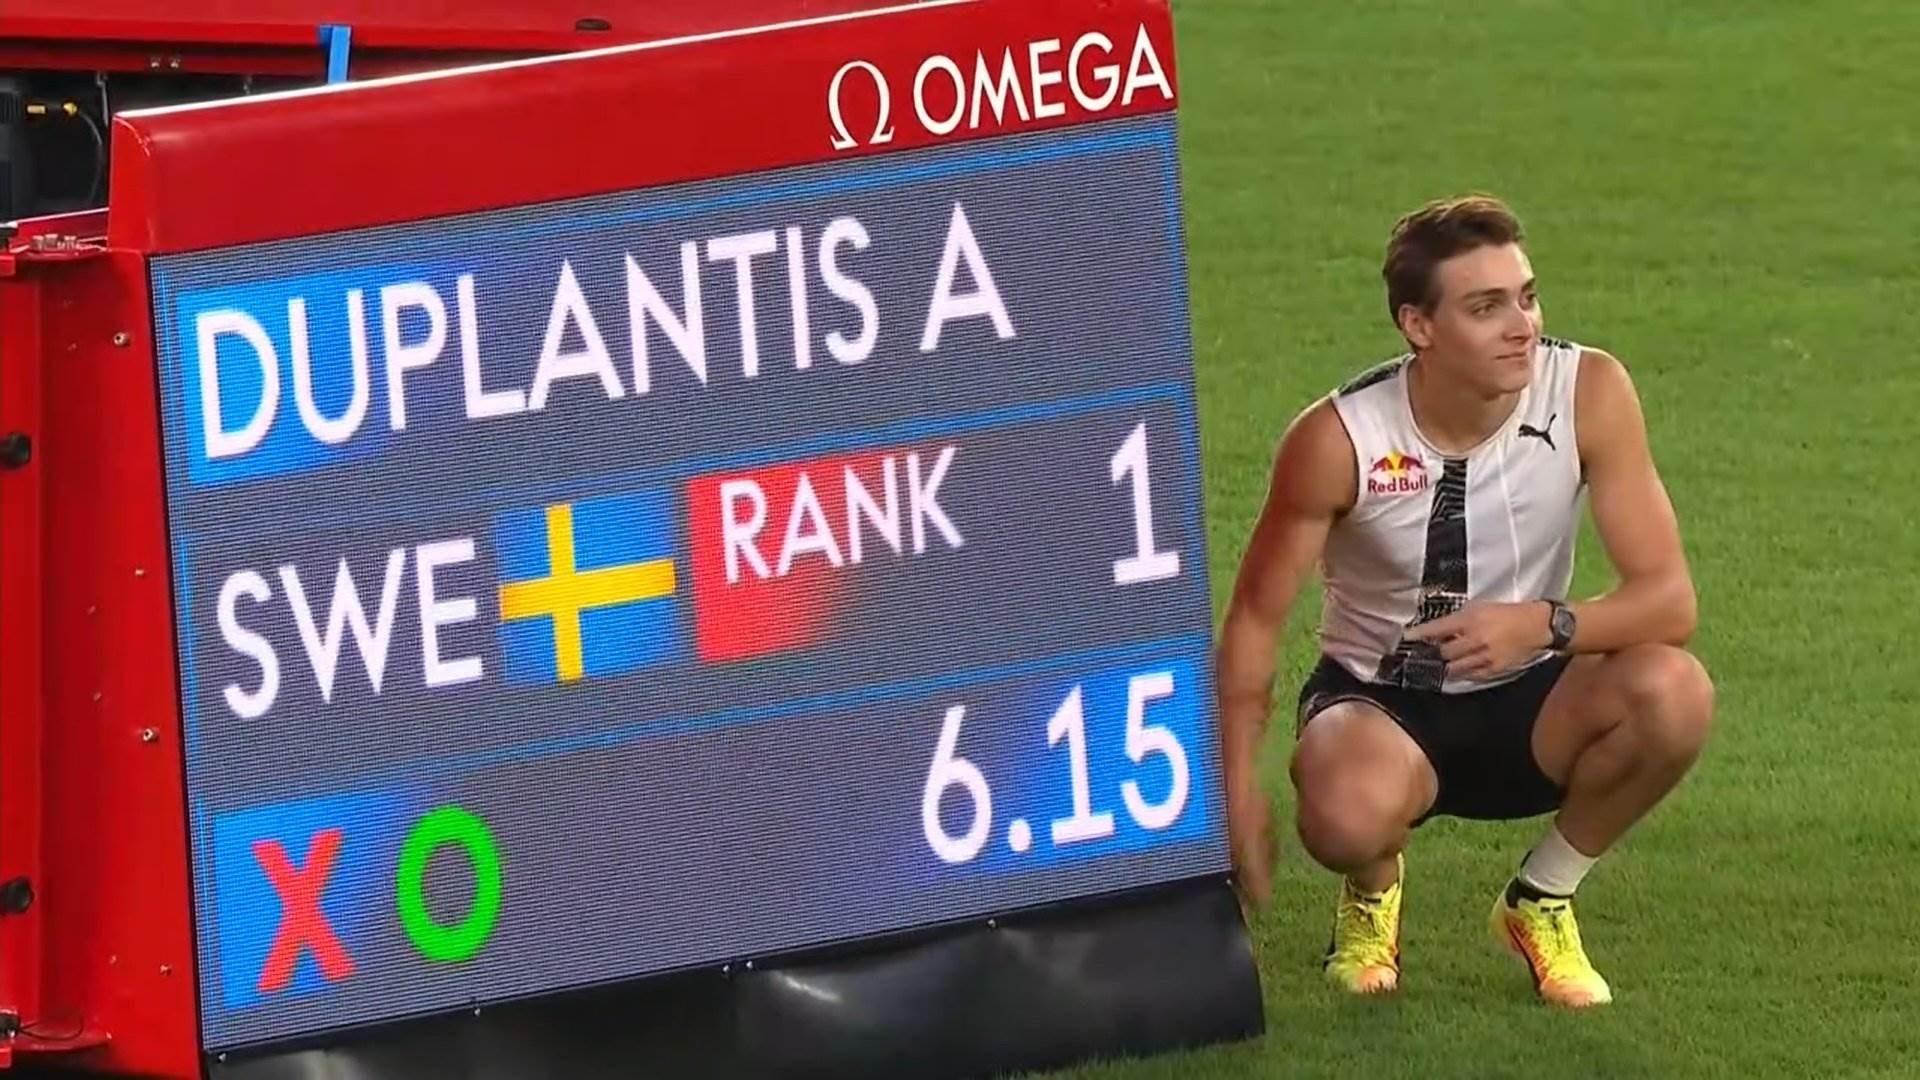 دوبلانتيس مع الشاشة الإلكترونية التي تظهر رقمه القياسي